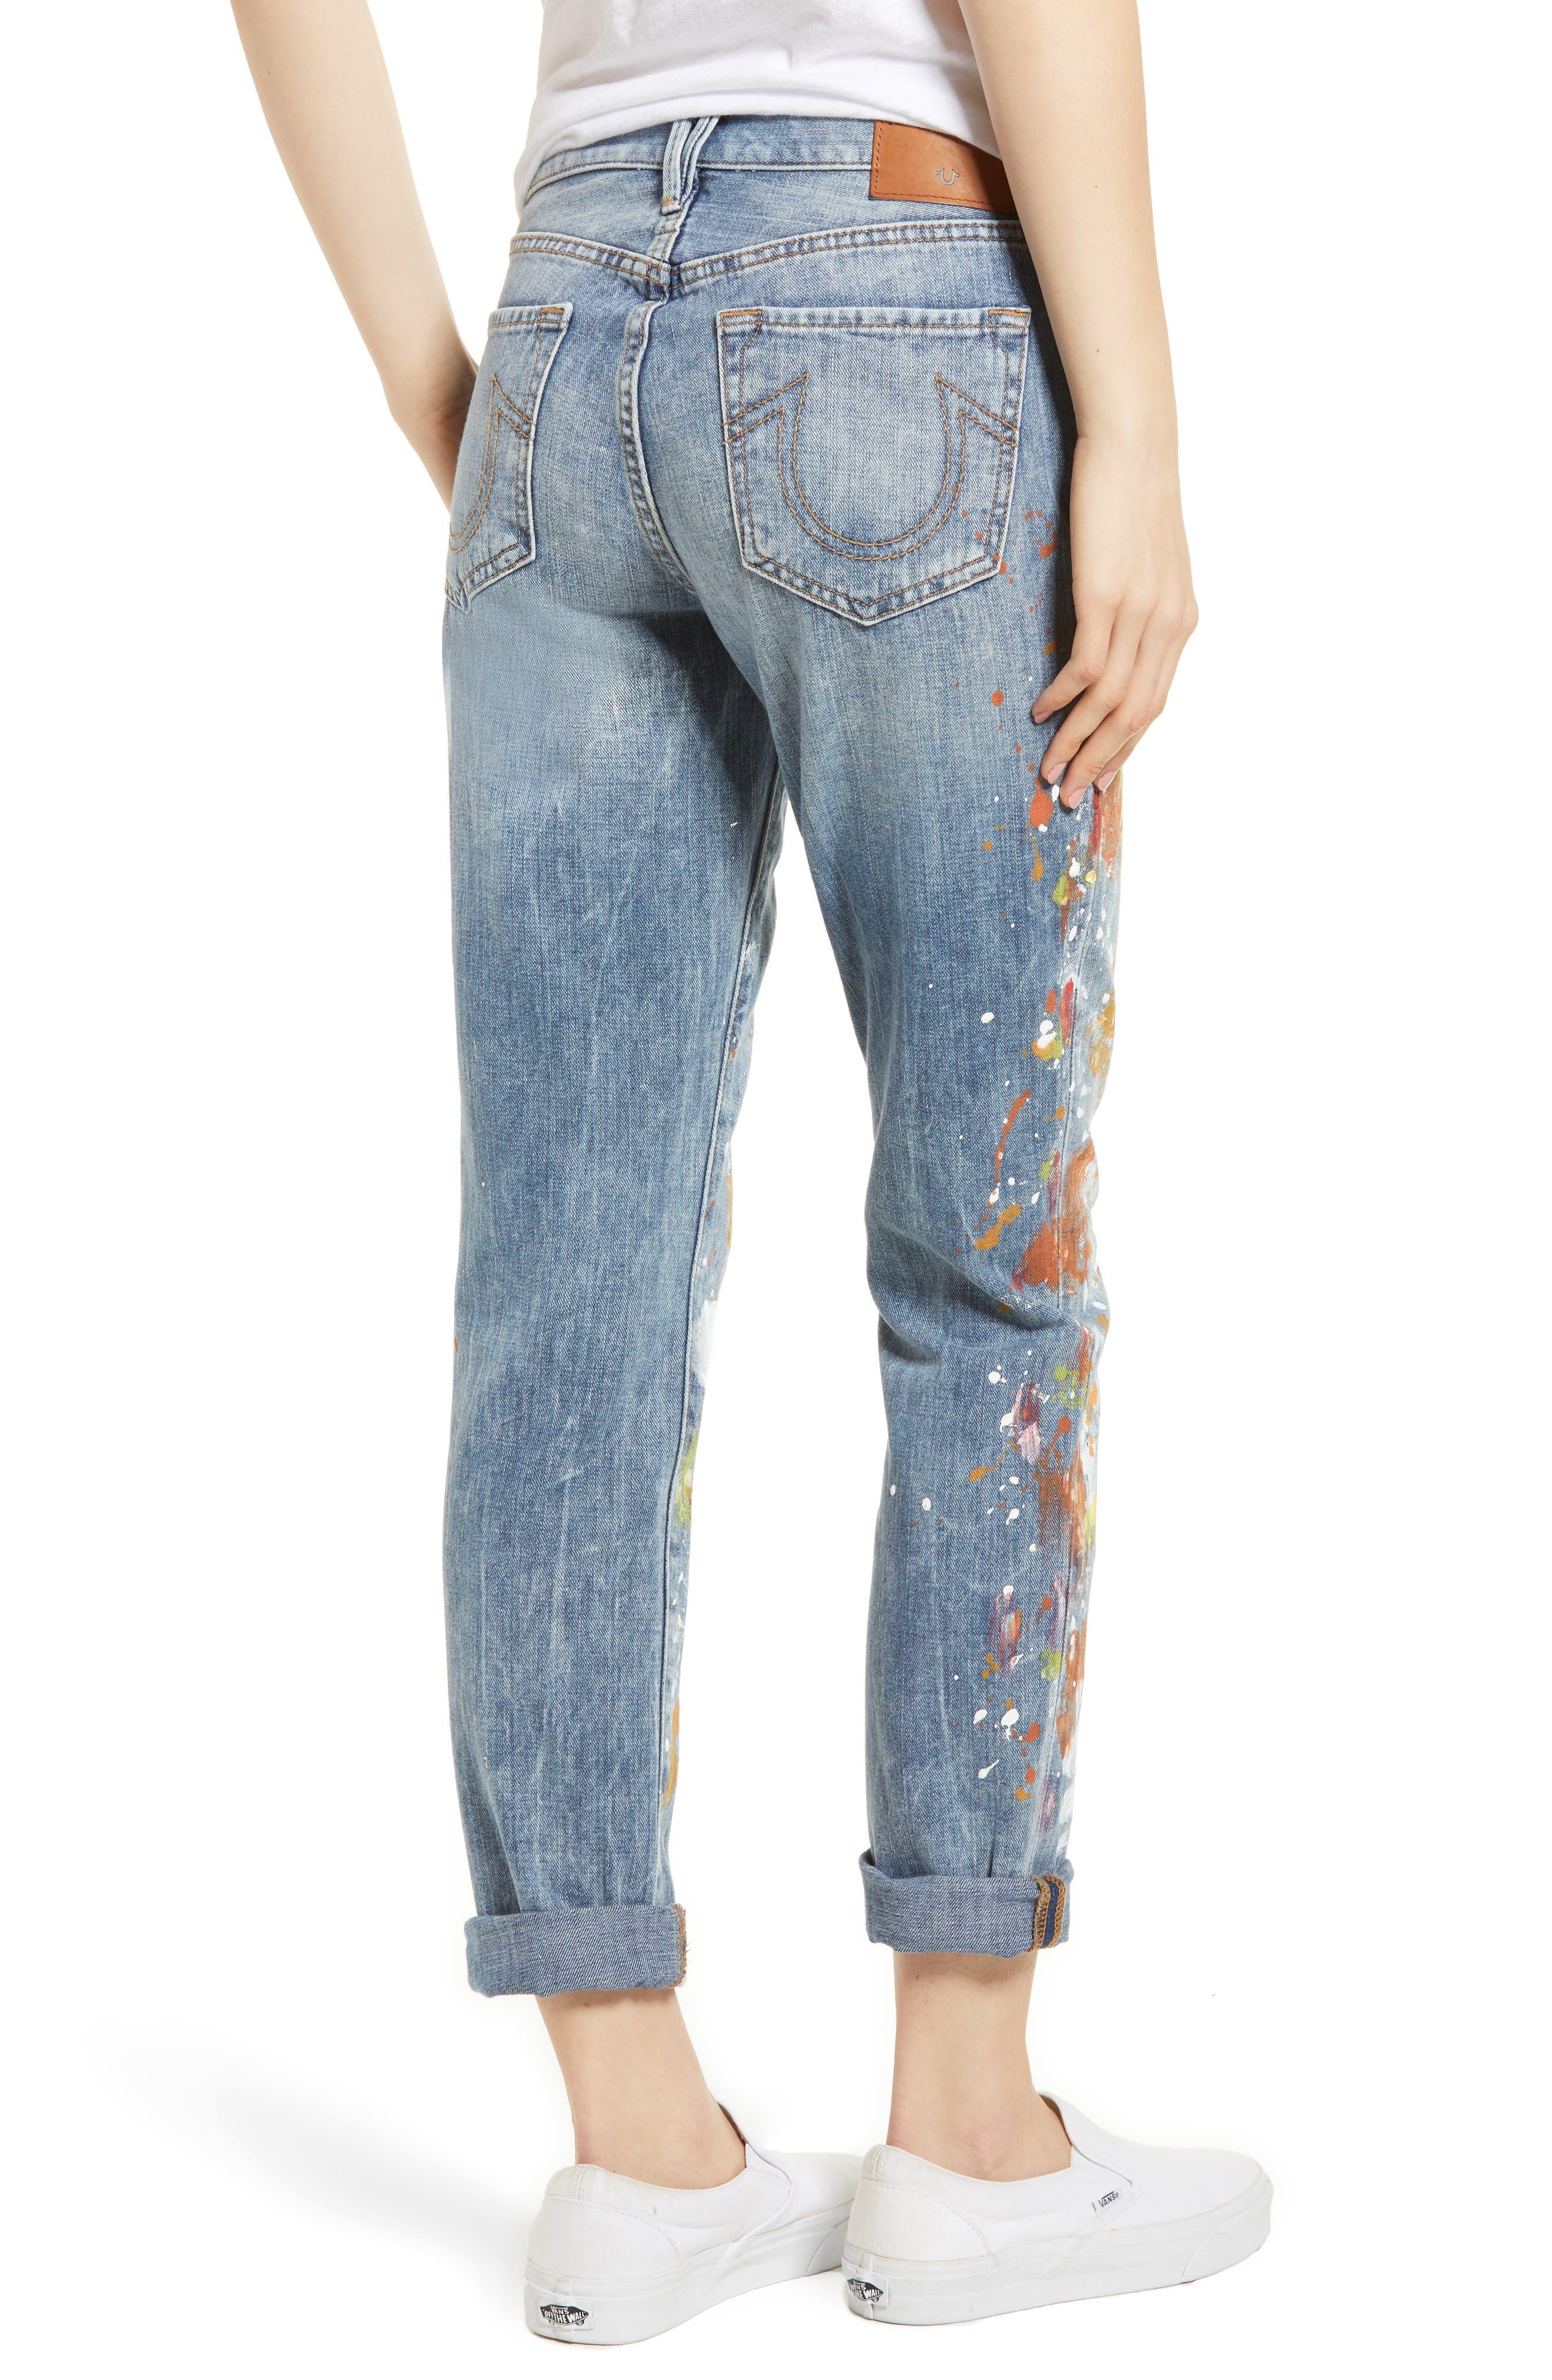 Cameron Slim Boyfriend Jeans,                             Alternate thumbnail 2, color,                             Erwm Popm Art